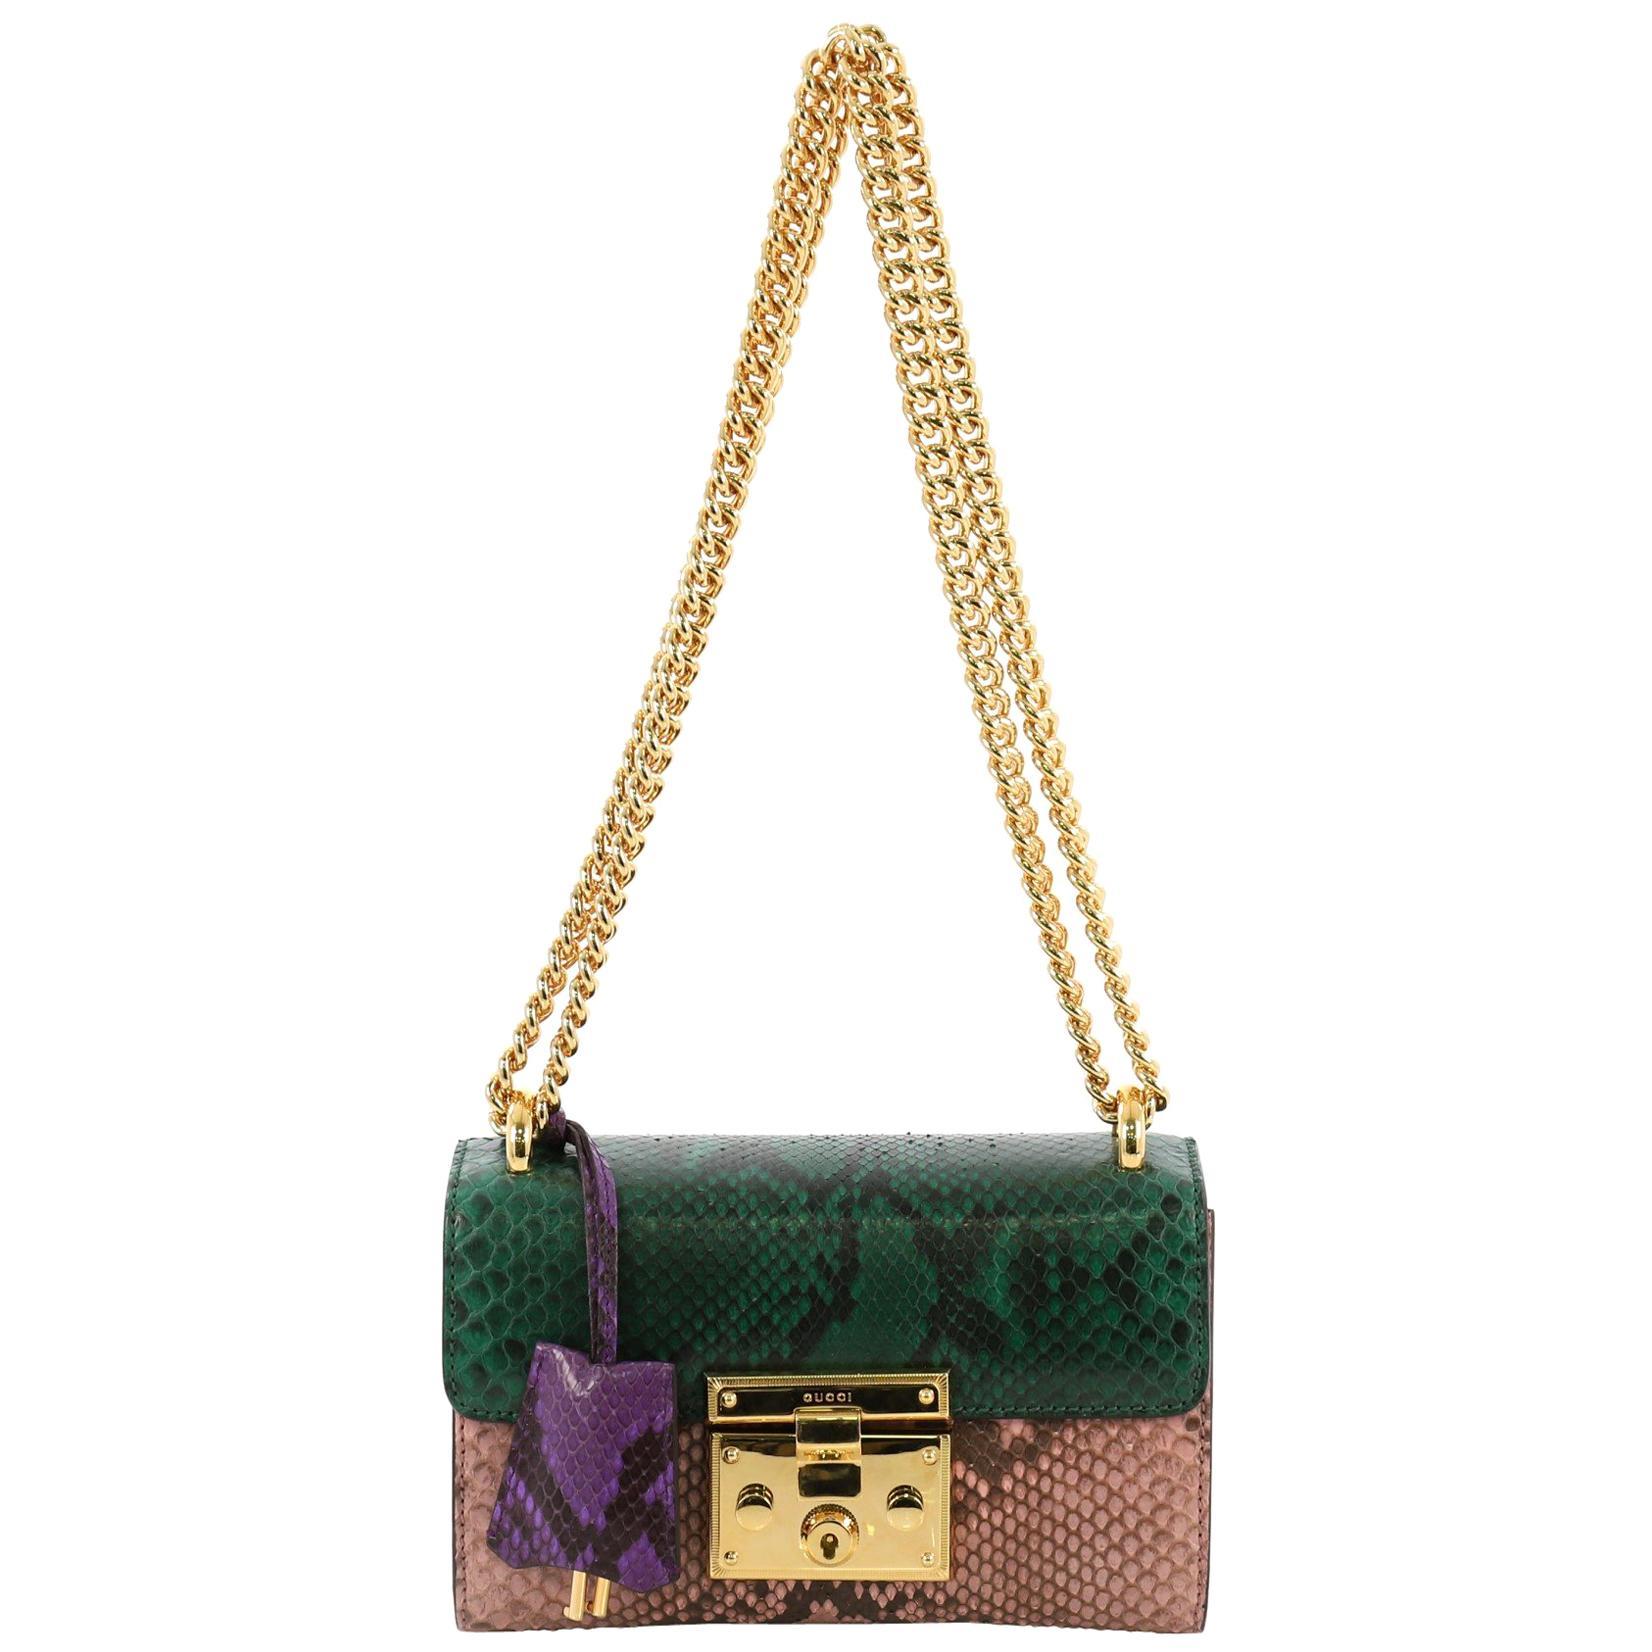 4a23d8b22192 Gucci Padlock Shoulder Bag Python Small at 1stdibs